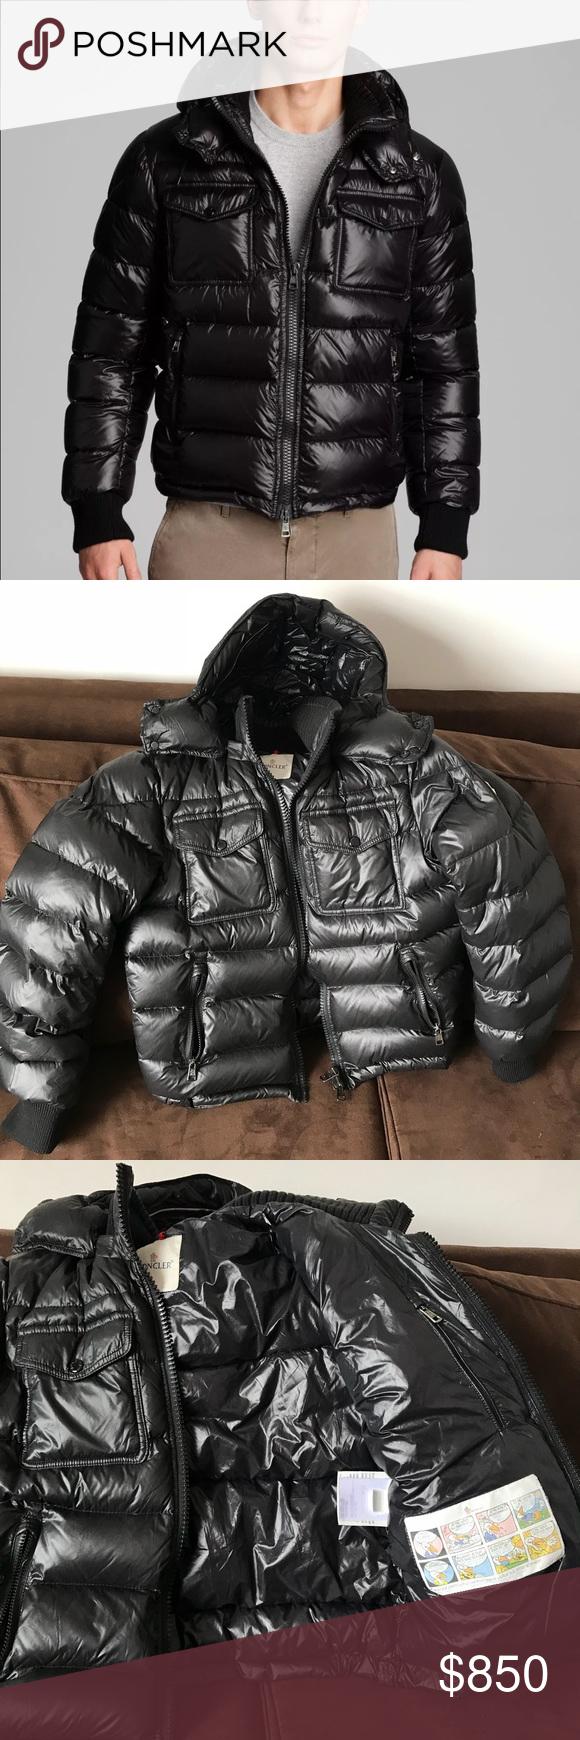 Authentic Moncler men's jacket Jackets, Moncler jacket